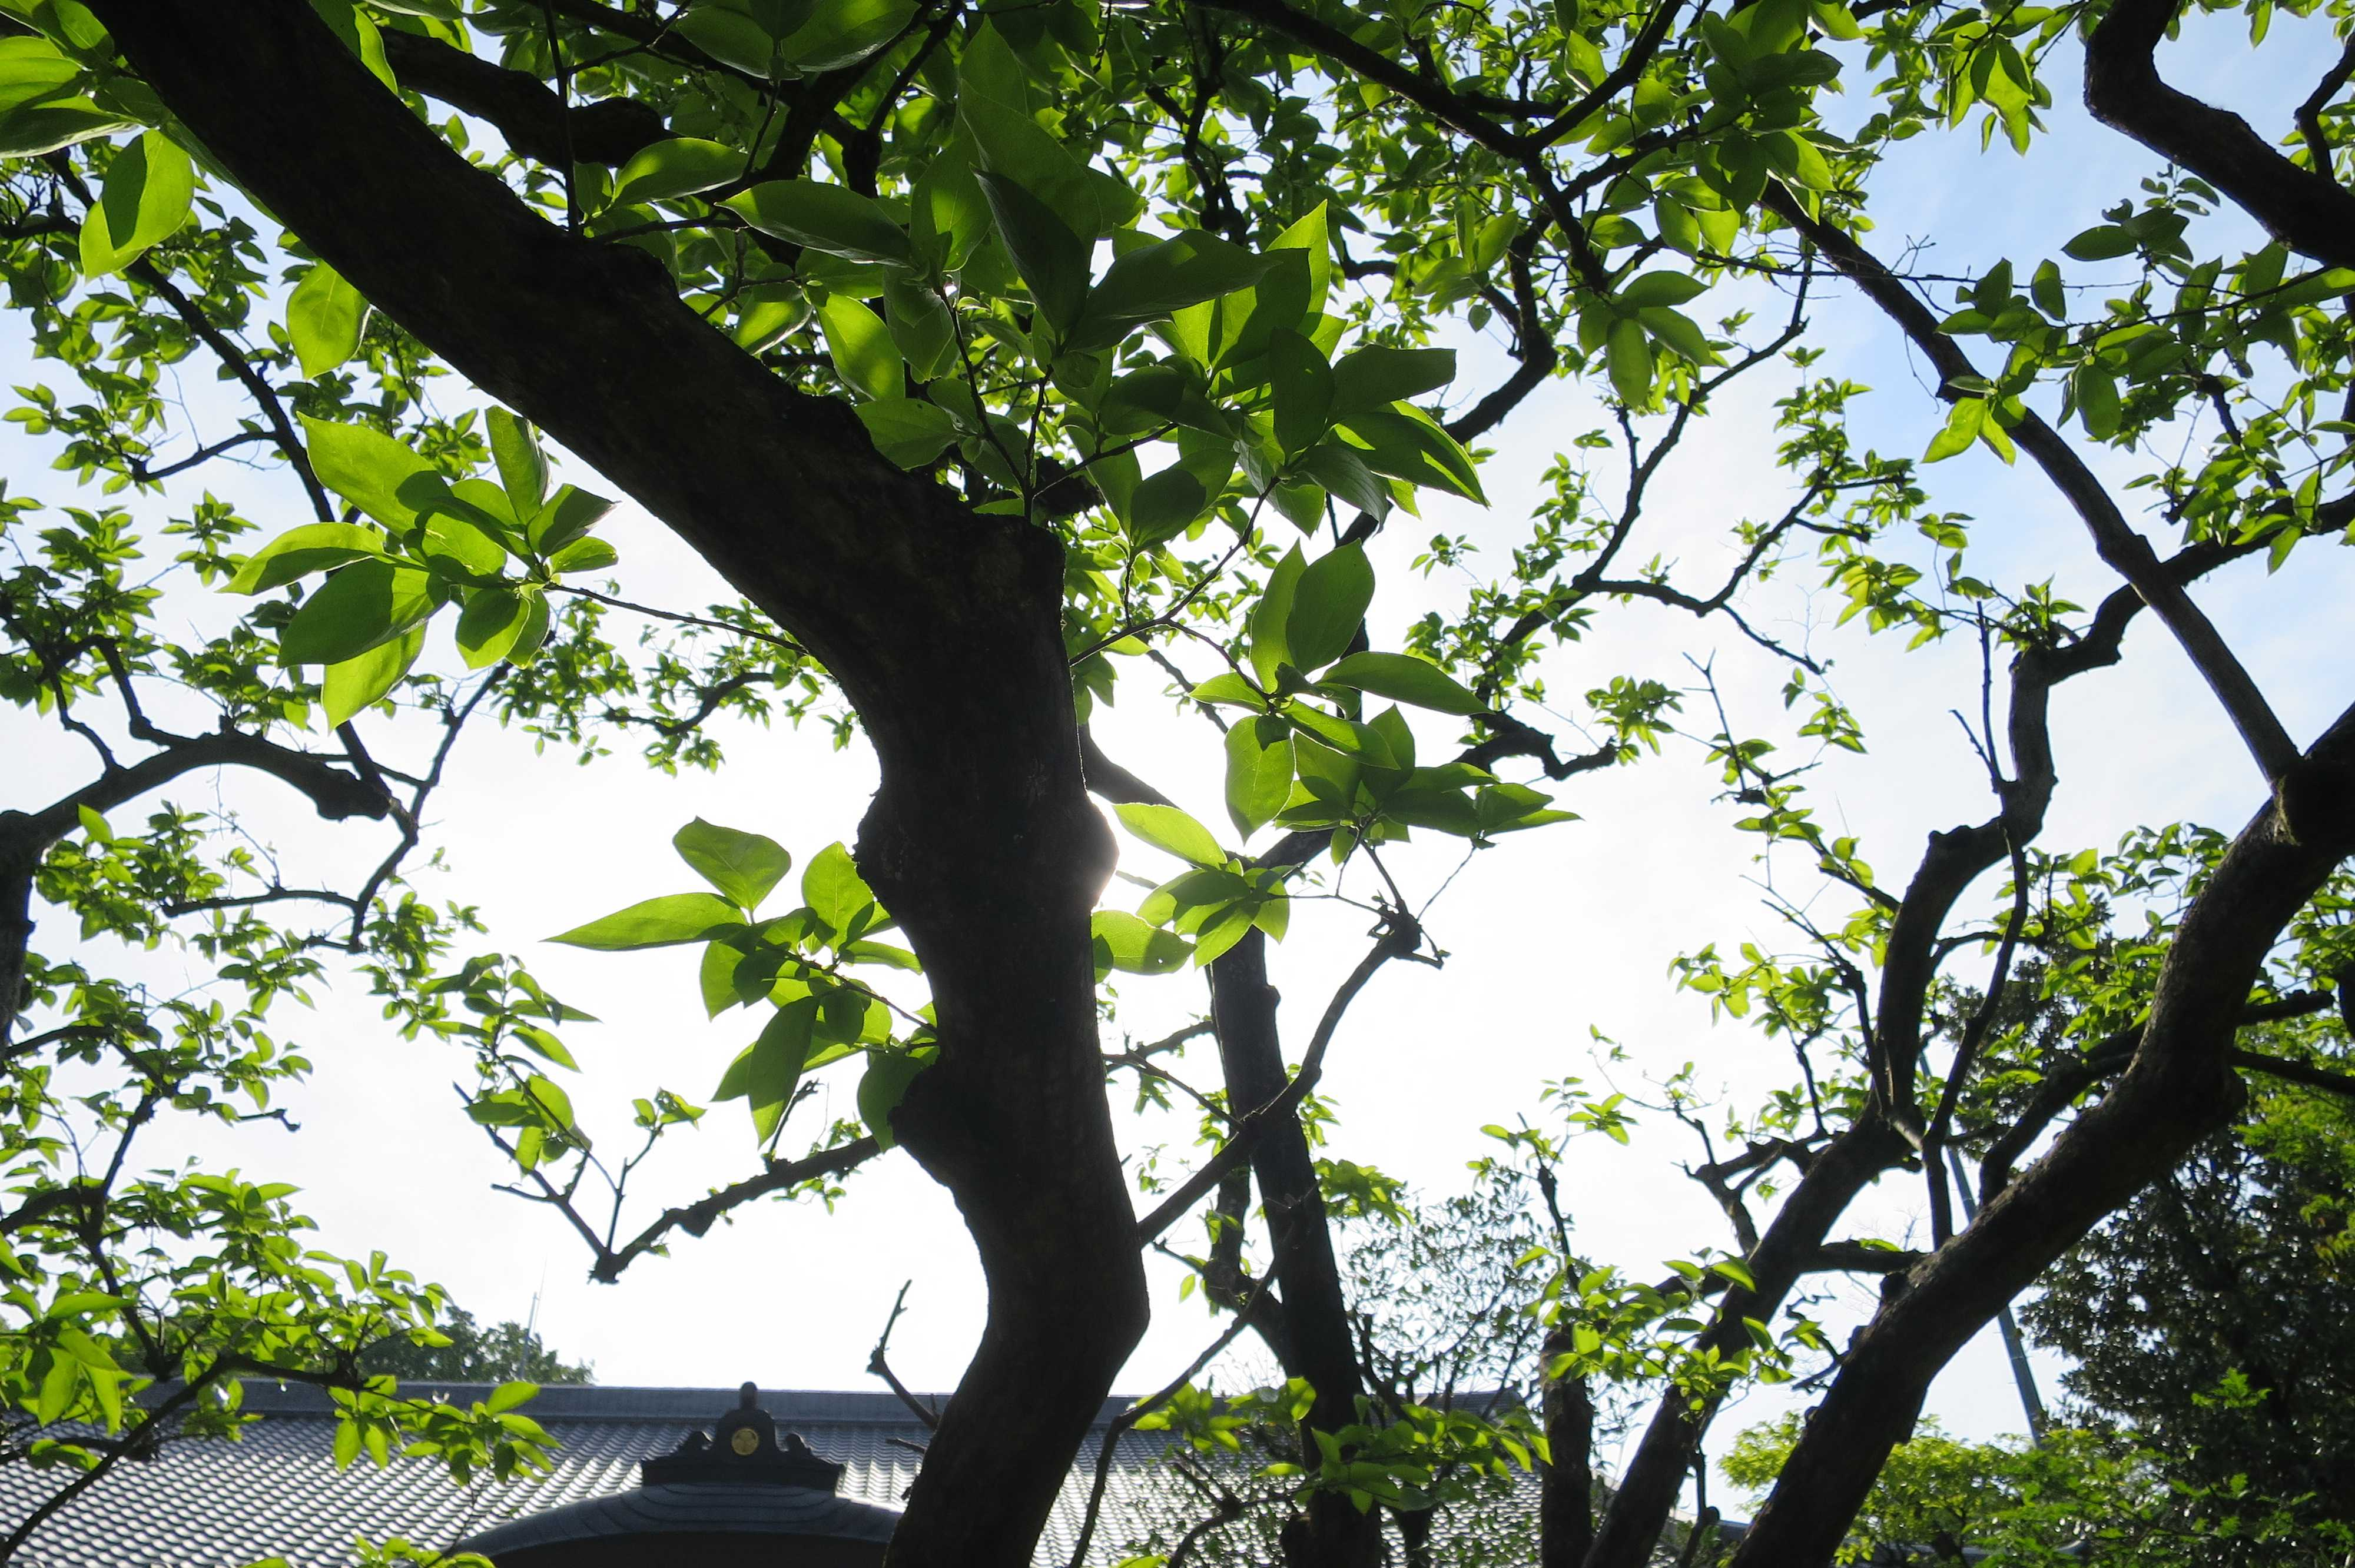 柿の若葉の緑と幹の黒